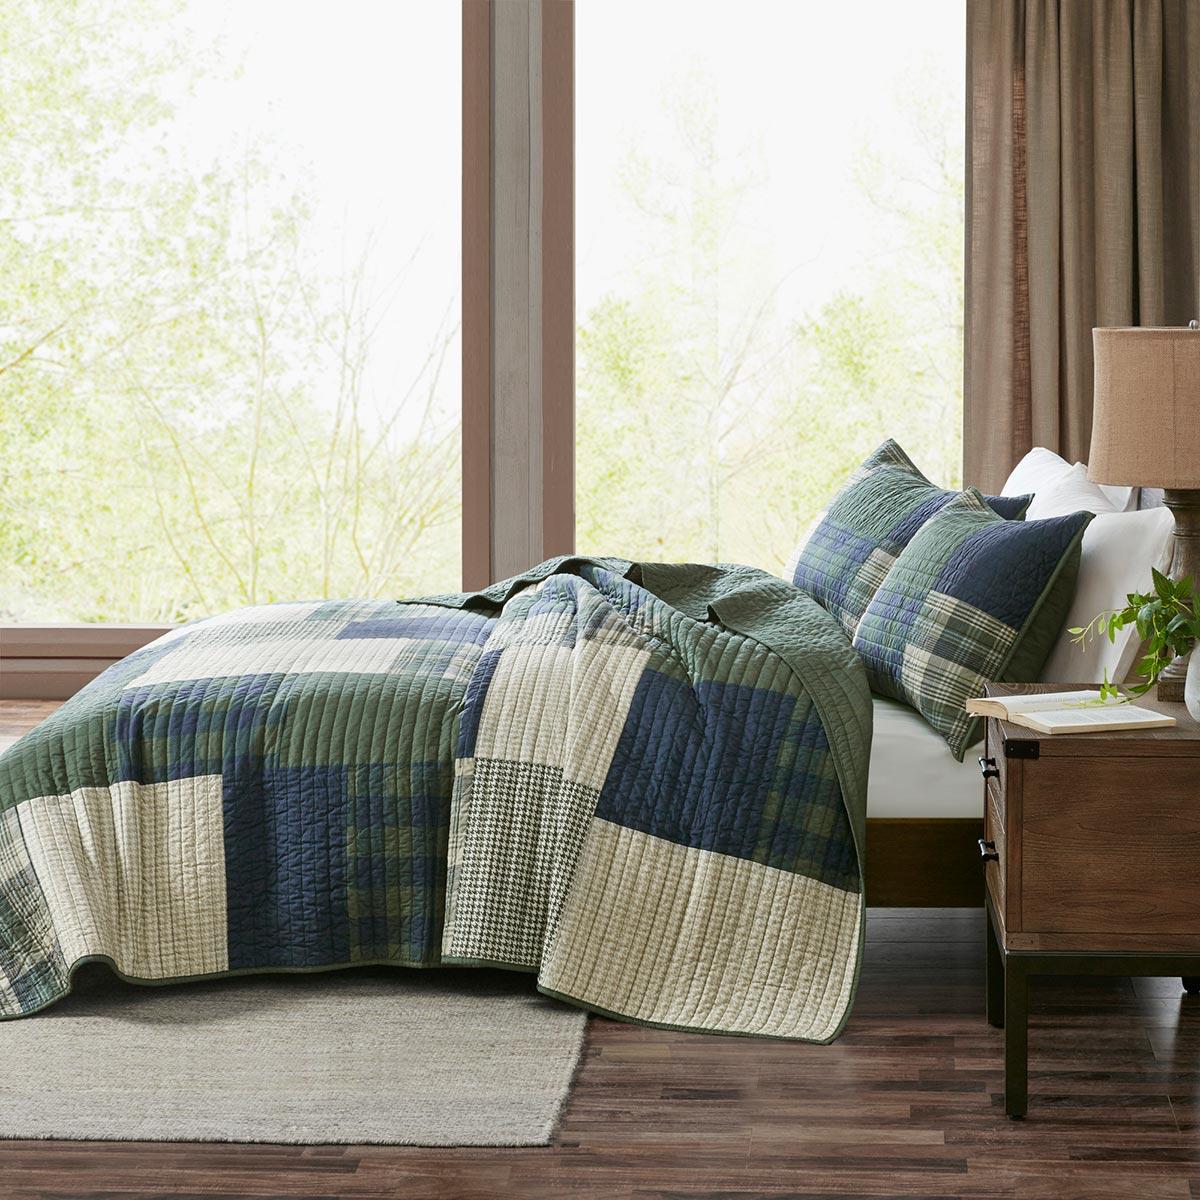 غطاء السرير المنقوش بنقش المربعات